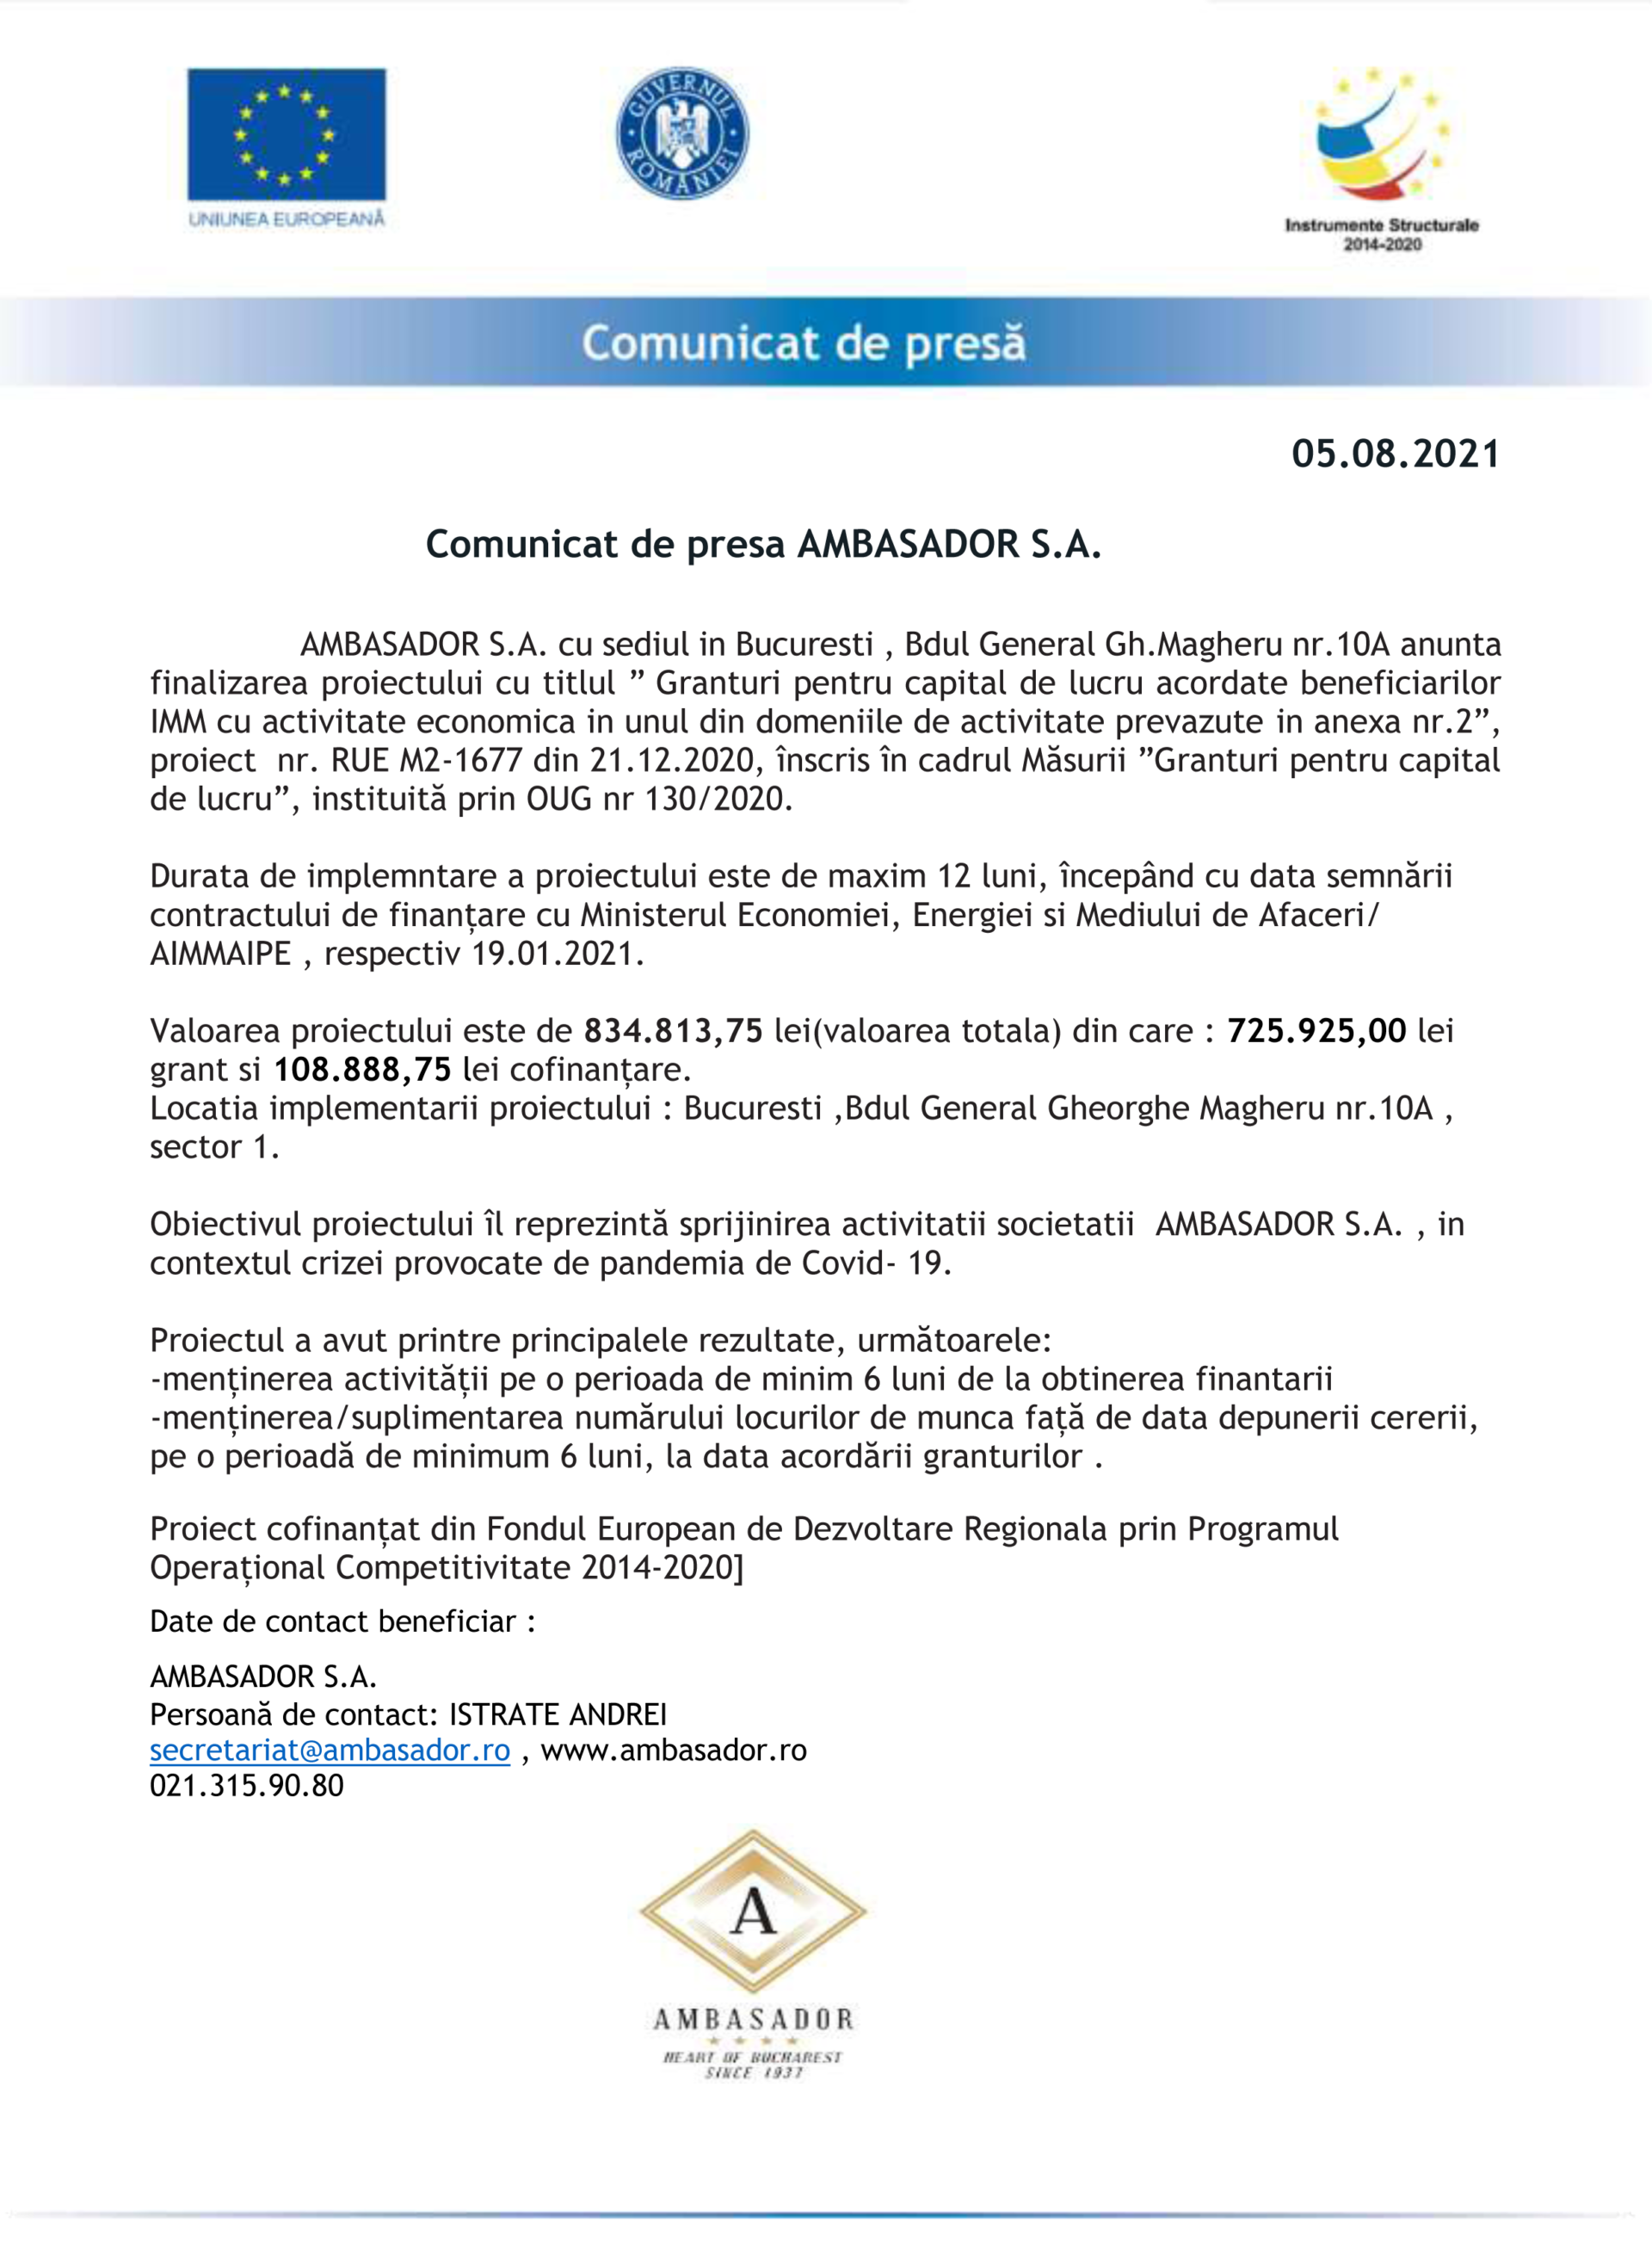 Comunicat_de_Presa_AMBASADOR-SAbenef-finali-2